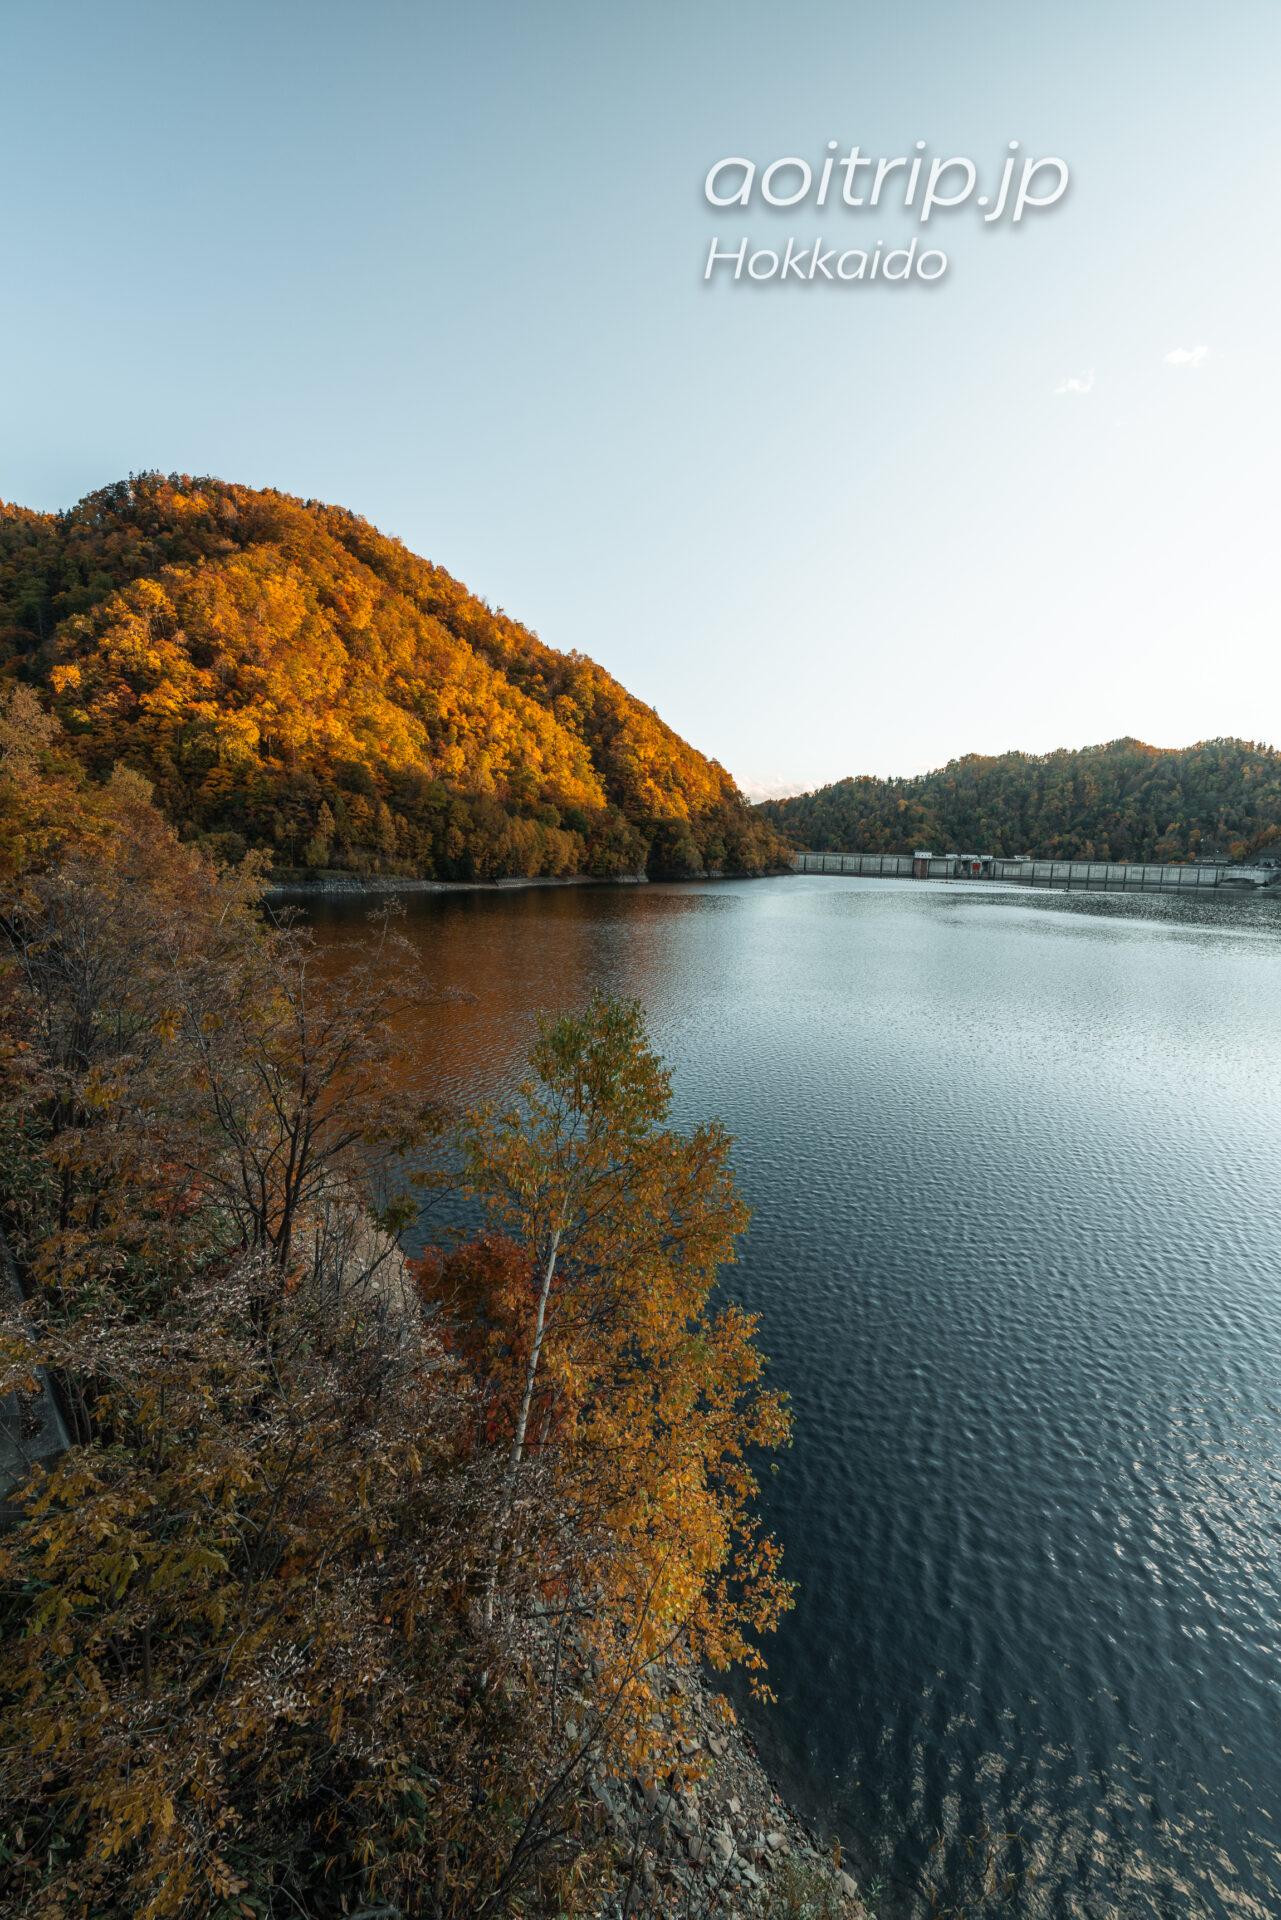 さっぽろ湖と定山渓ダム Lake Sapporo